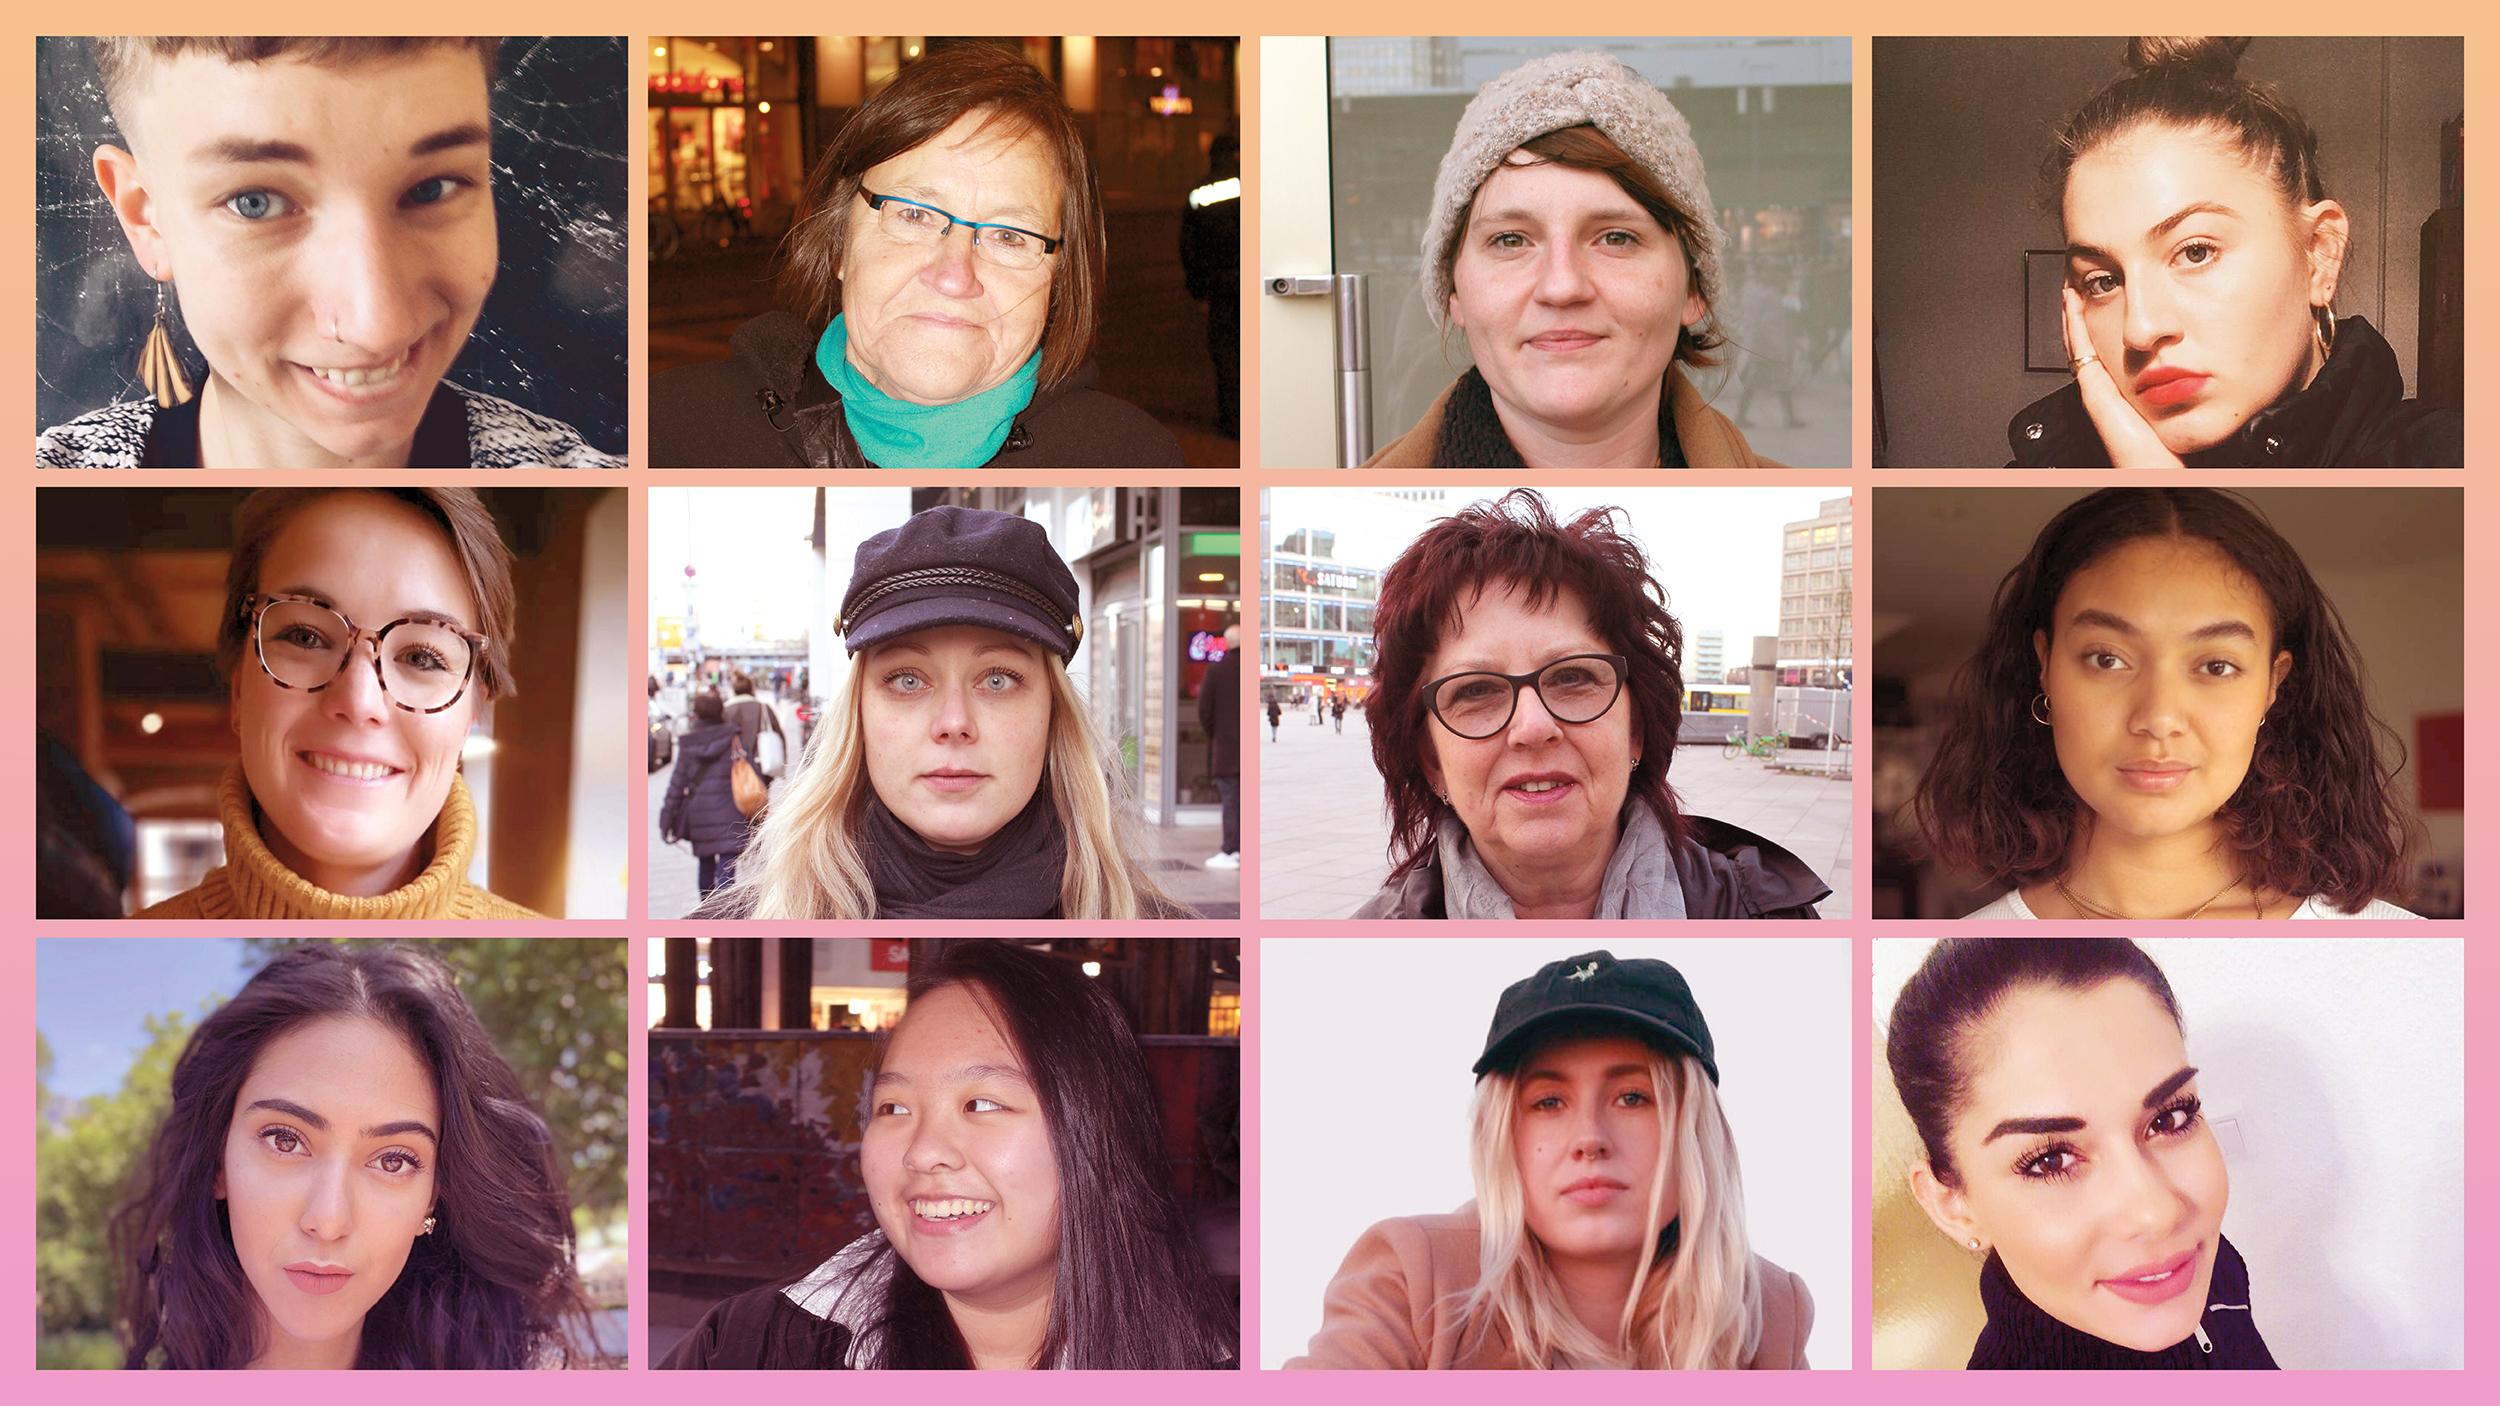 Wir haben 100 Frauen gefragt, was sie sich zum Jubiläum des Frauenwahlrechts wünschen